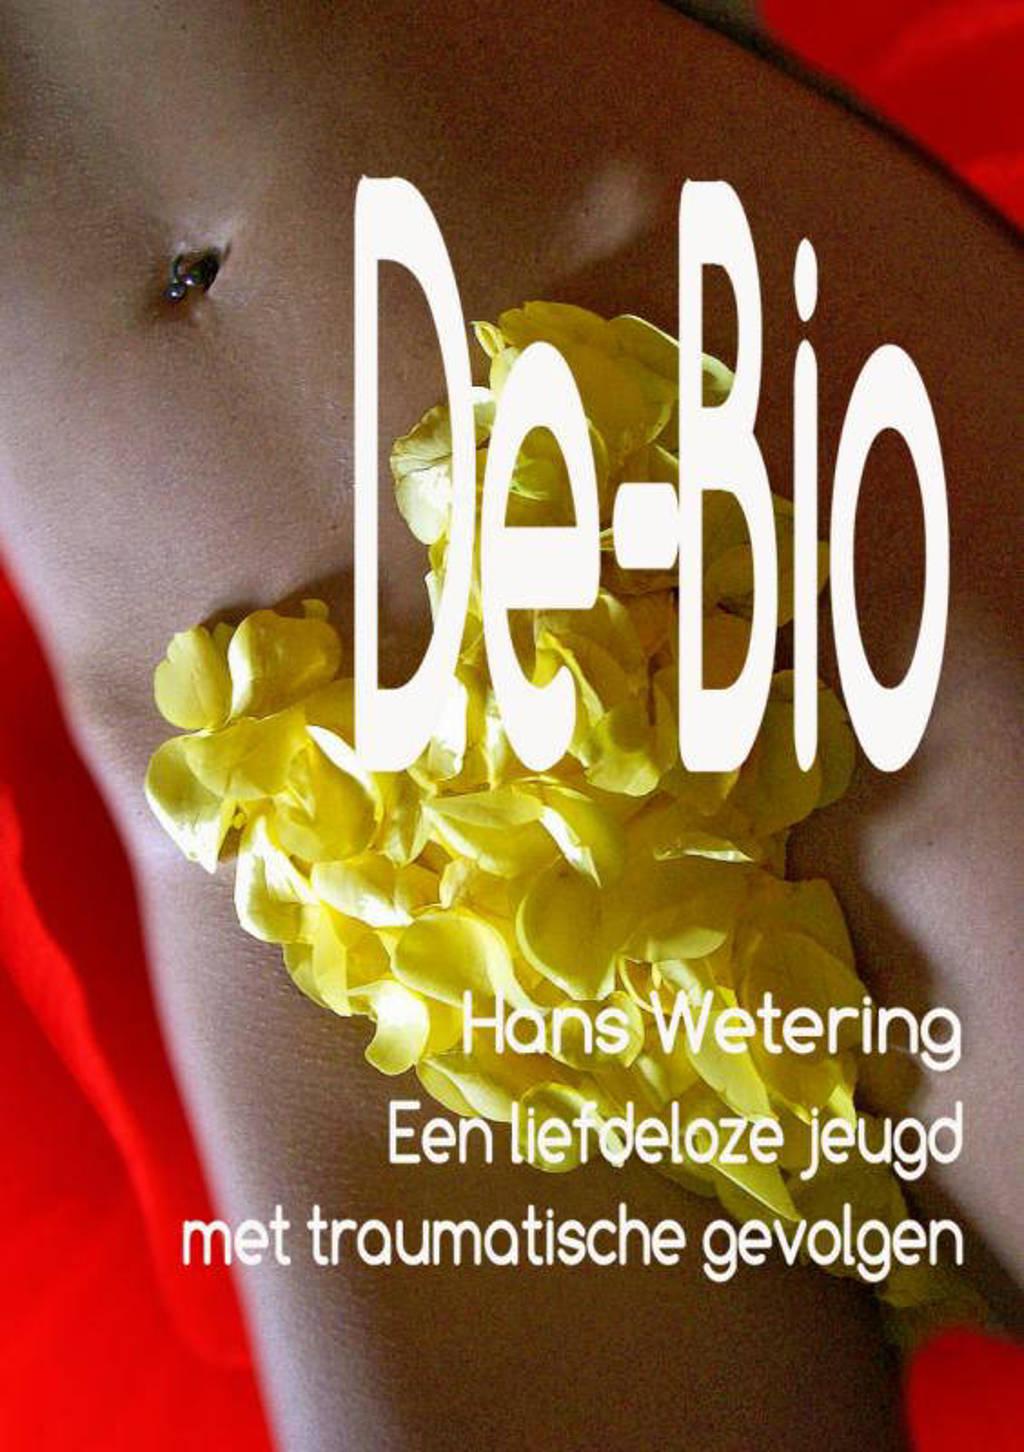 De-Bio - Hans Wetering